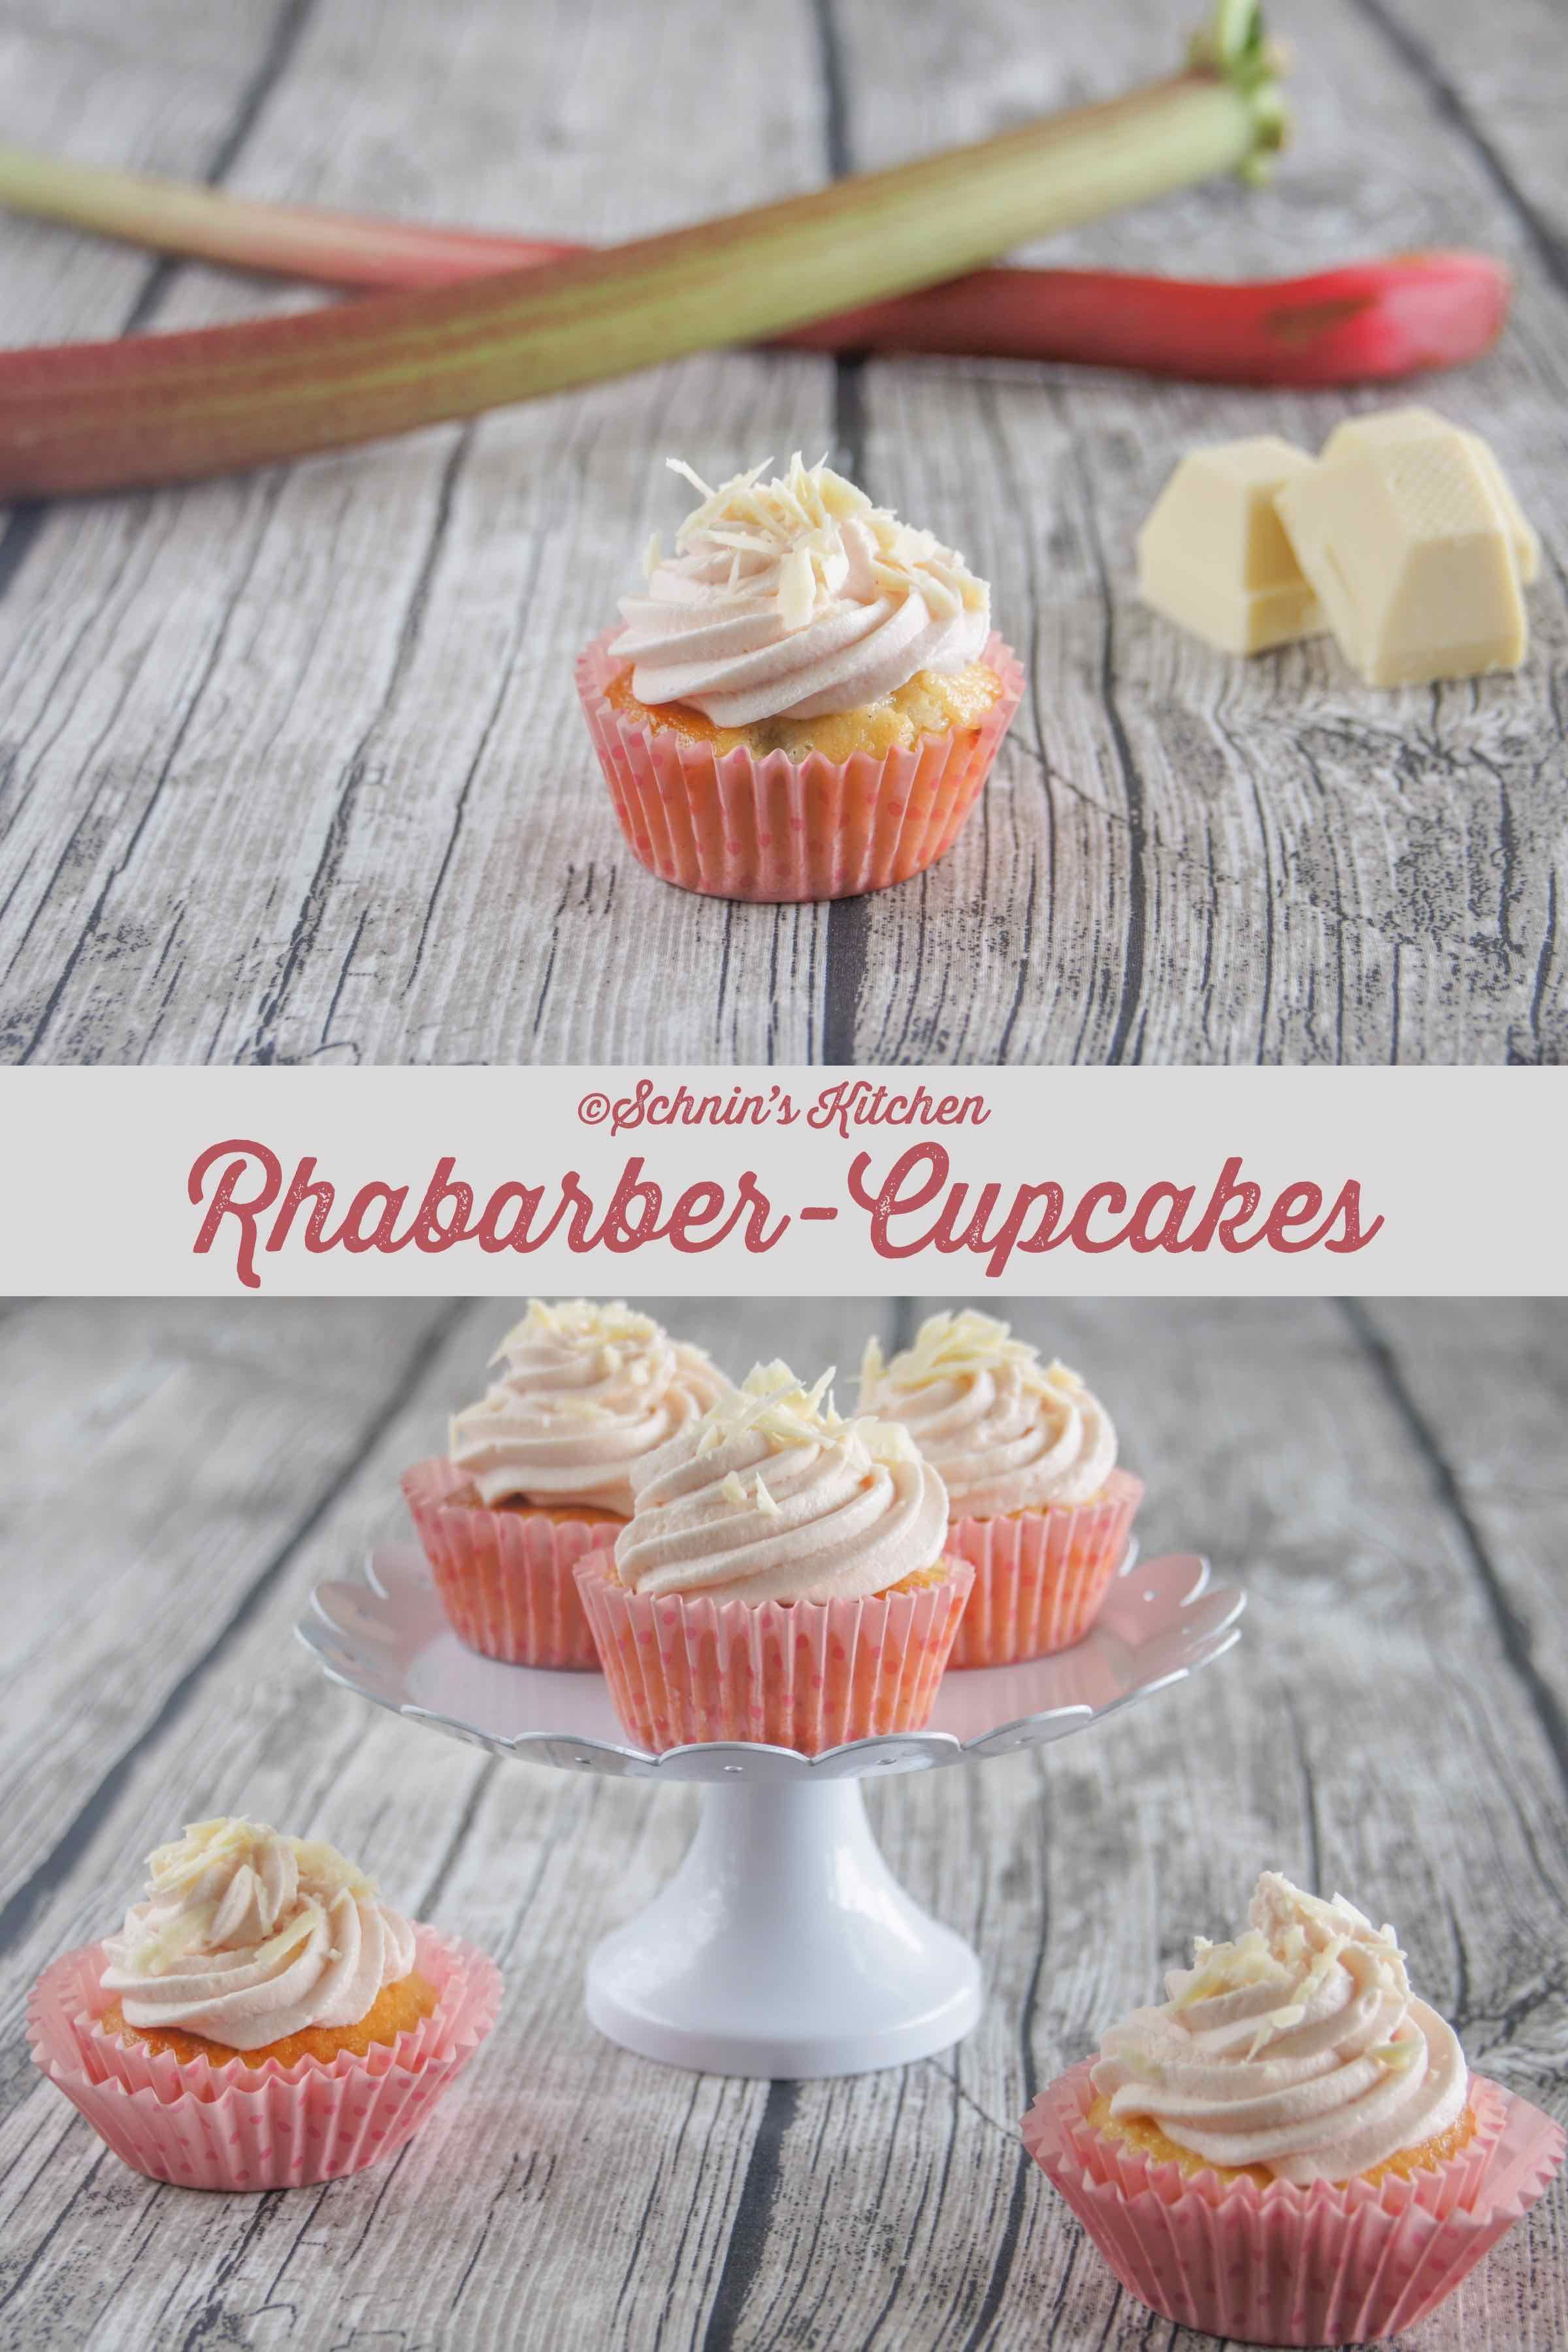 Rhabarber-Joghurt-Cupcakes mit weißer Schokolade - Schnin's Kitchen